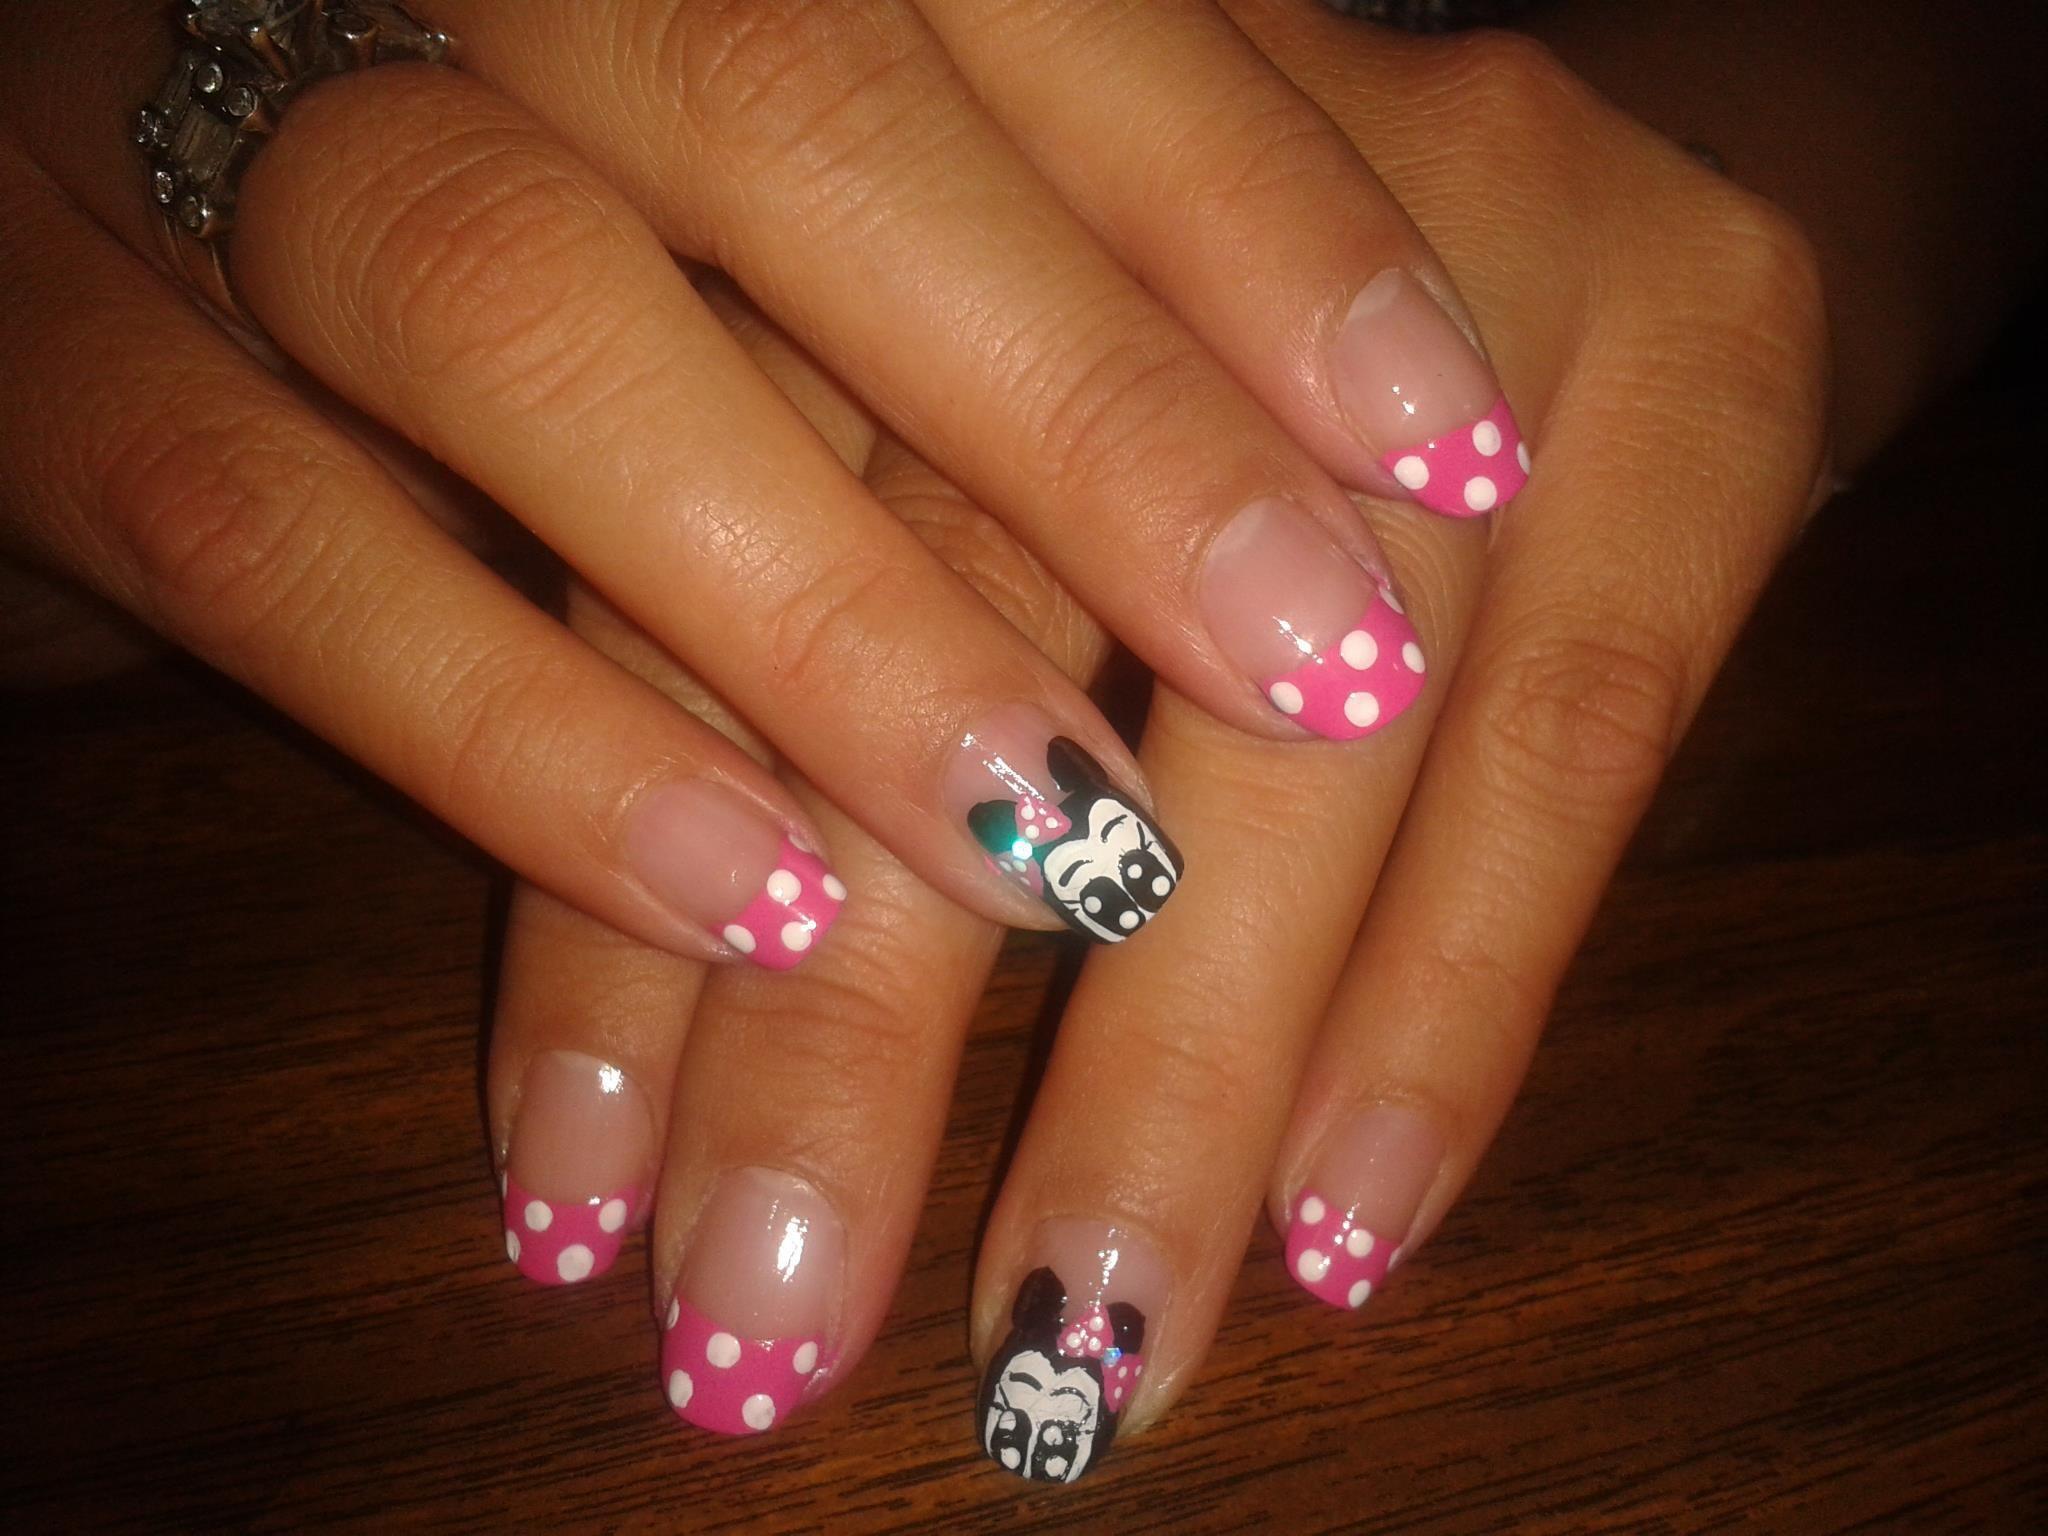 uñas decoradas | uñas | Pinterest | Uña decoradas, Manicuras y ...